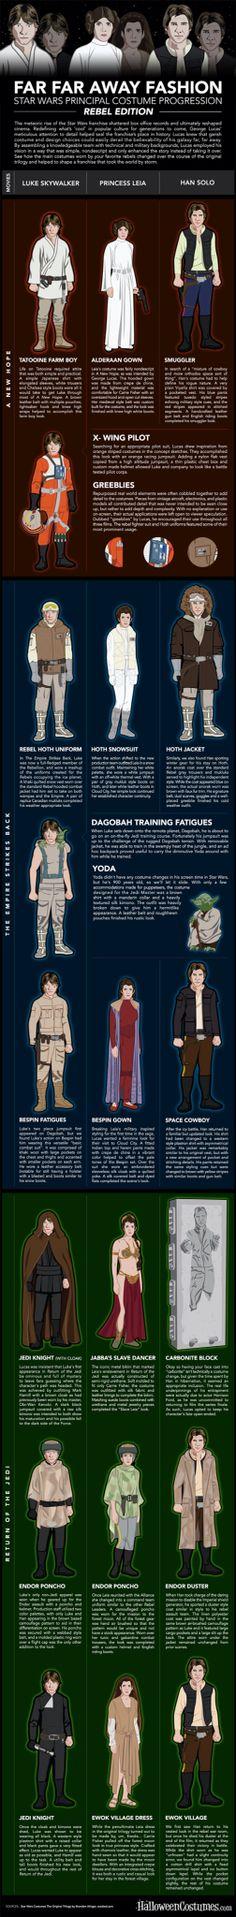 Star Wars. Las vestimendas de los rebeldes.